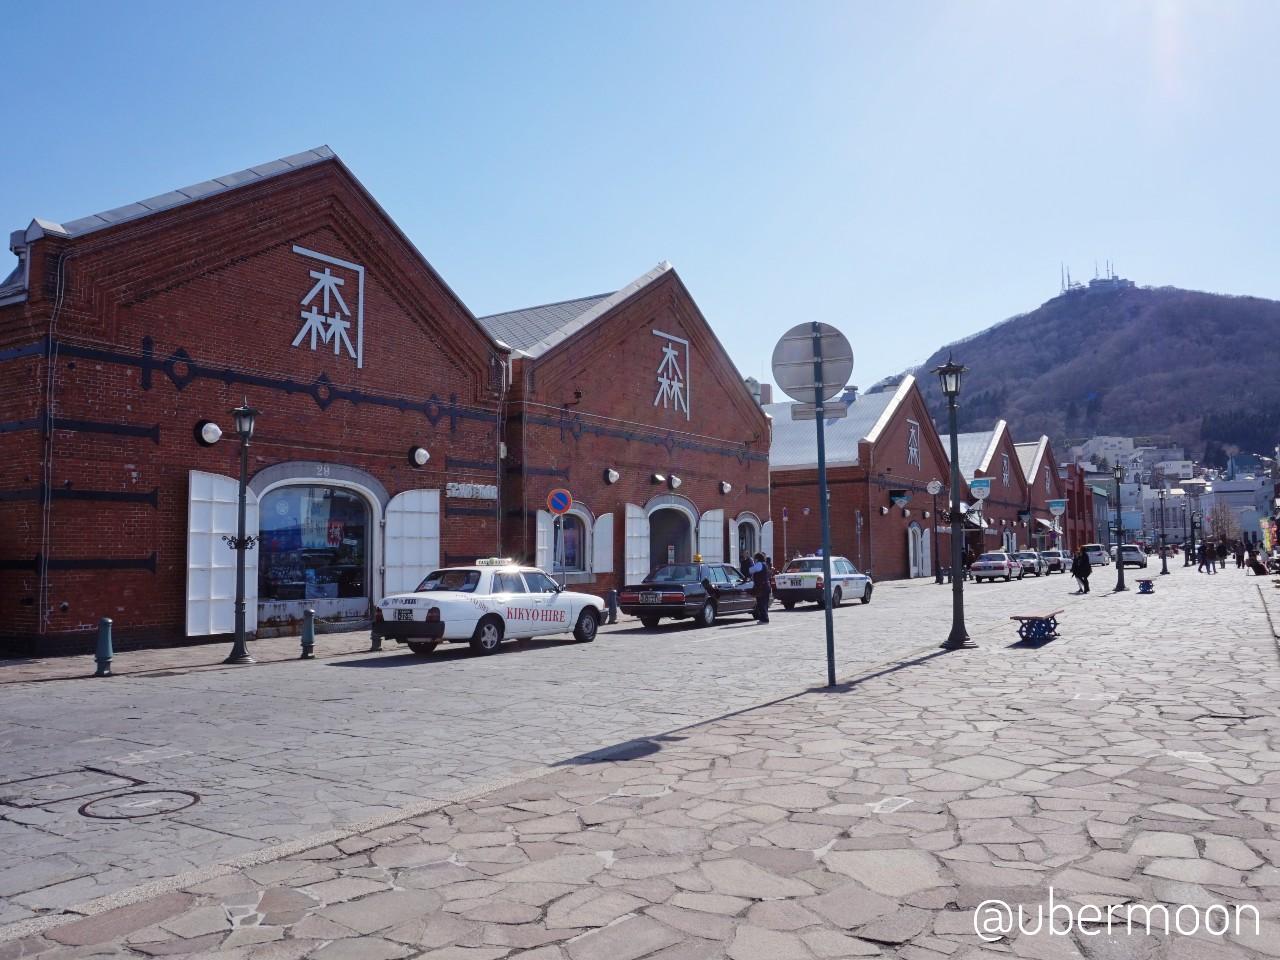 Kanemori Warehouse